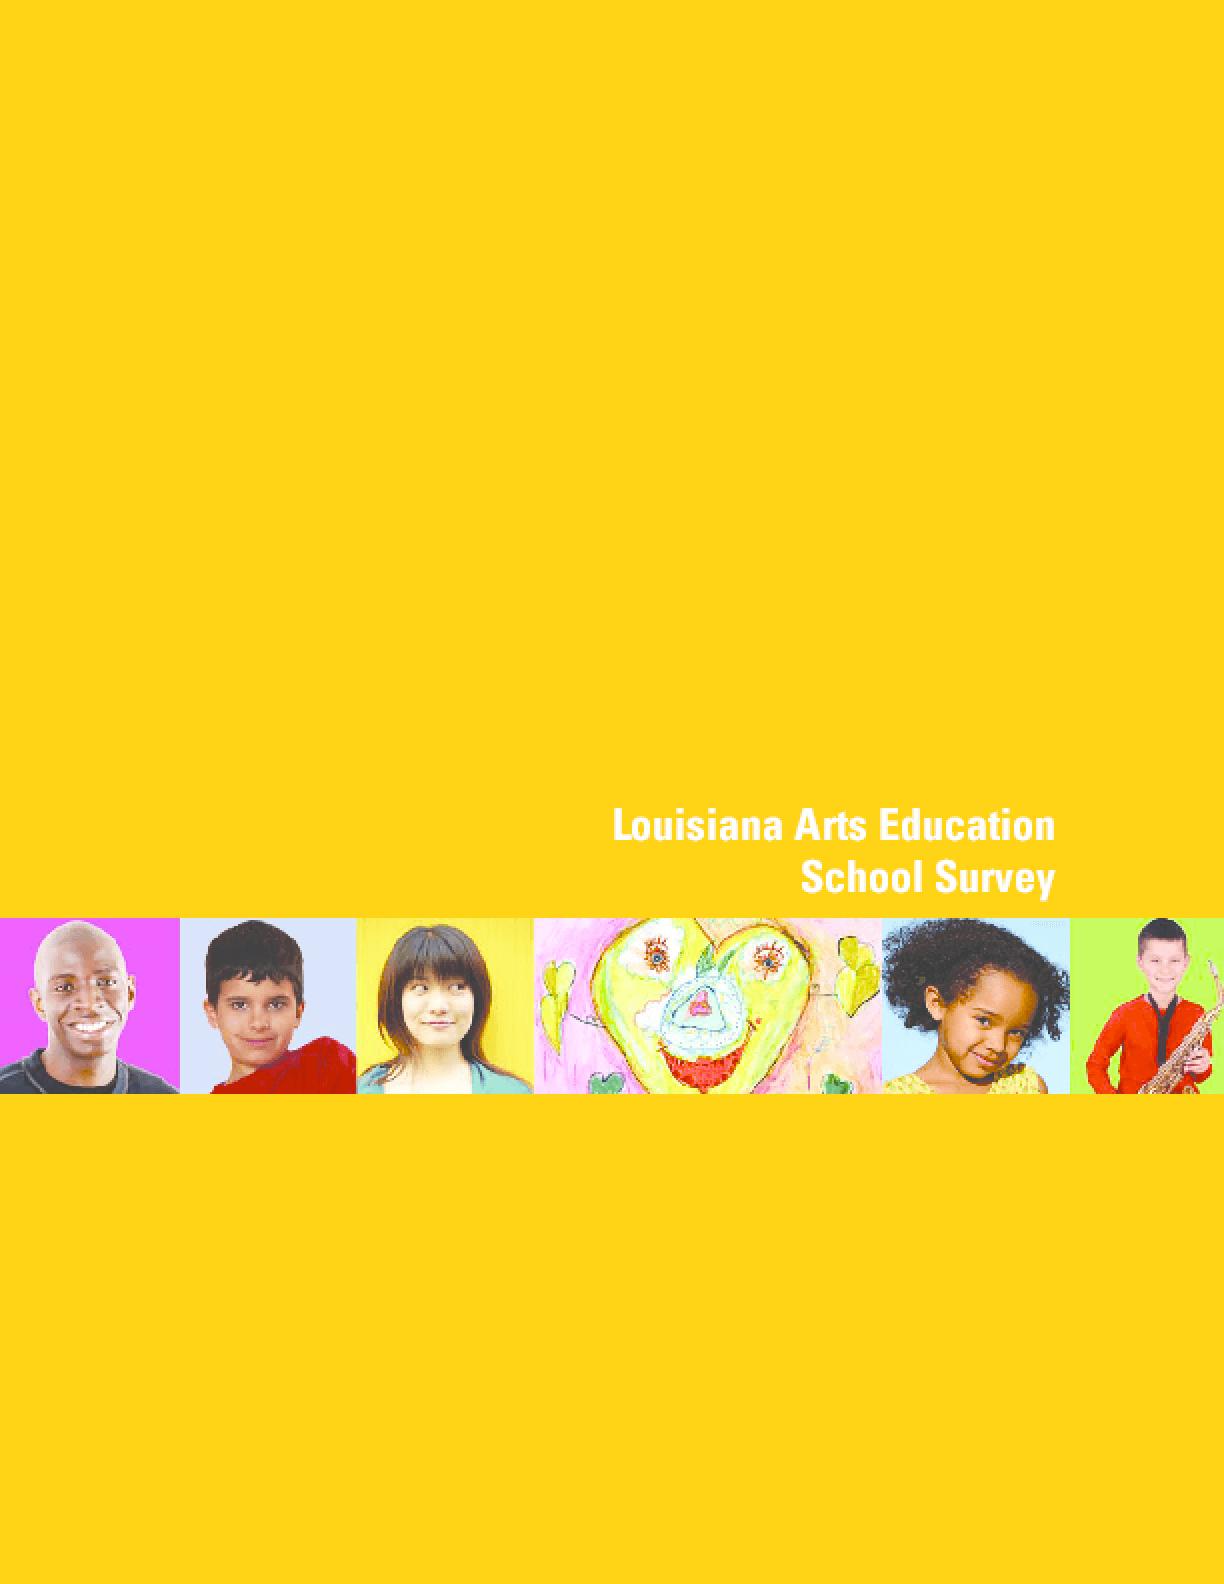 Louisiana Arts Education School Survey